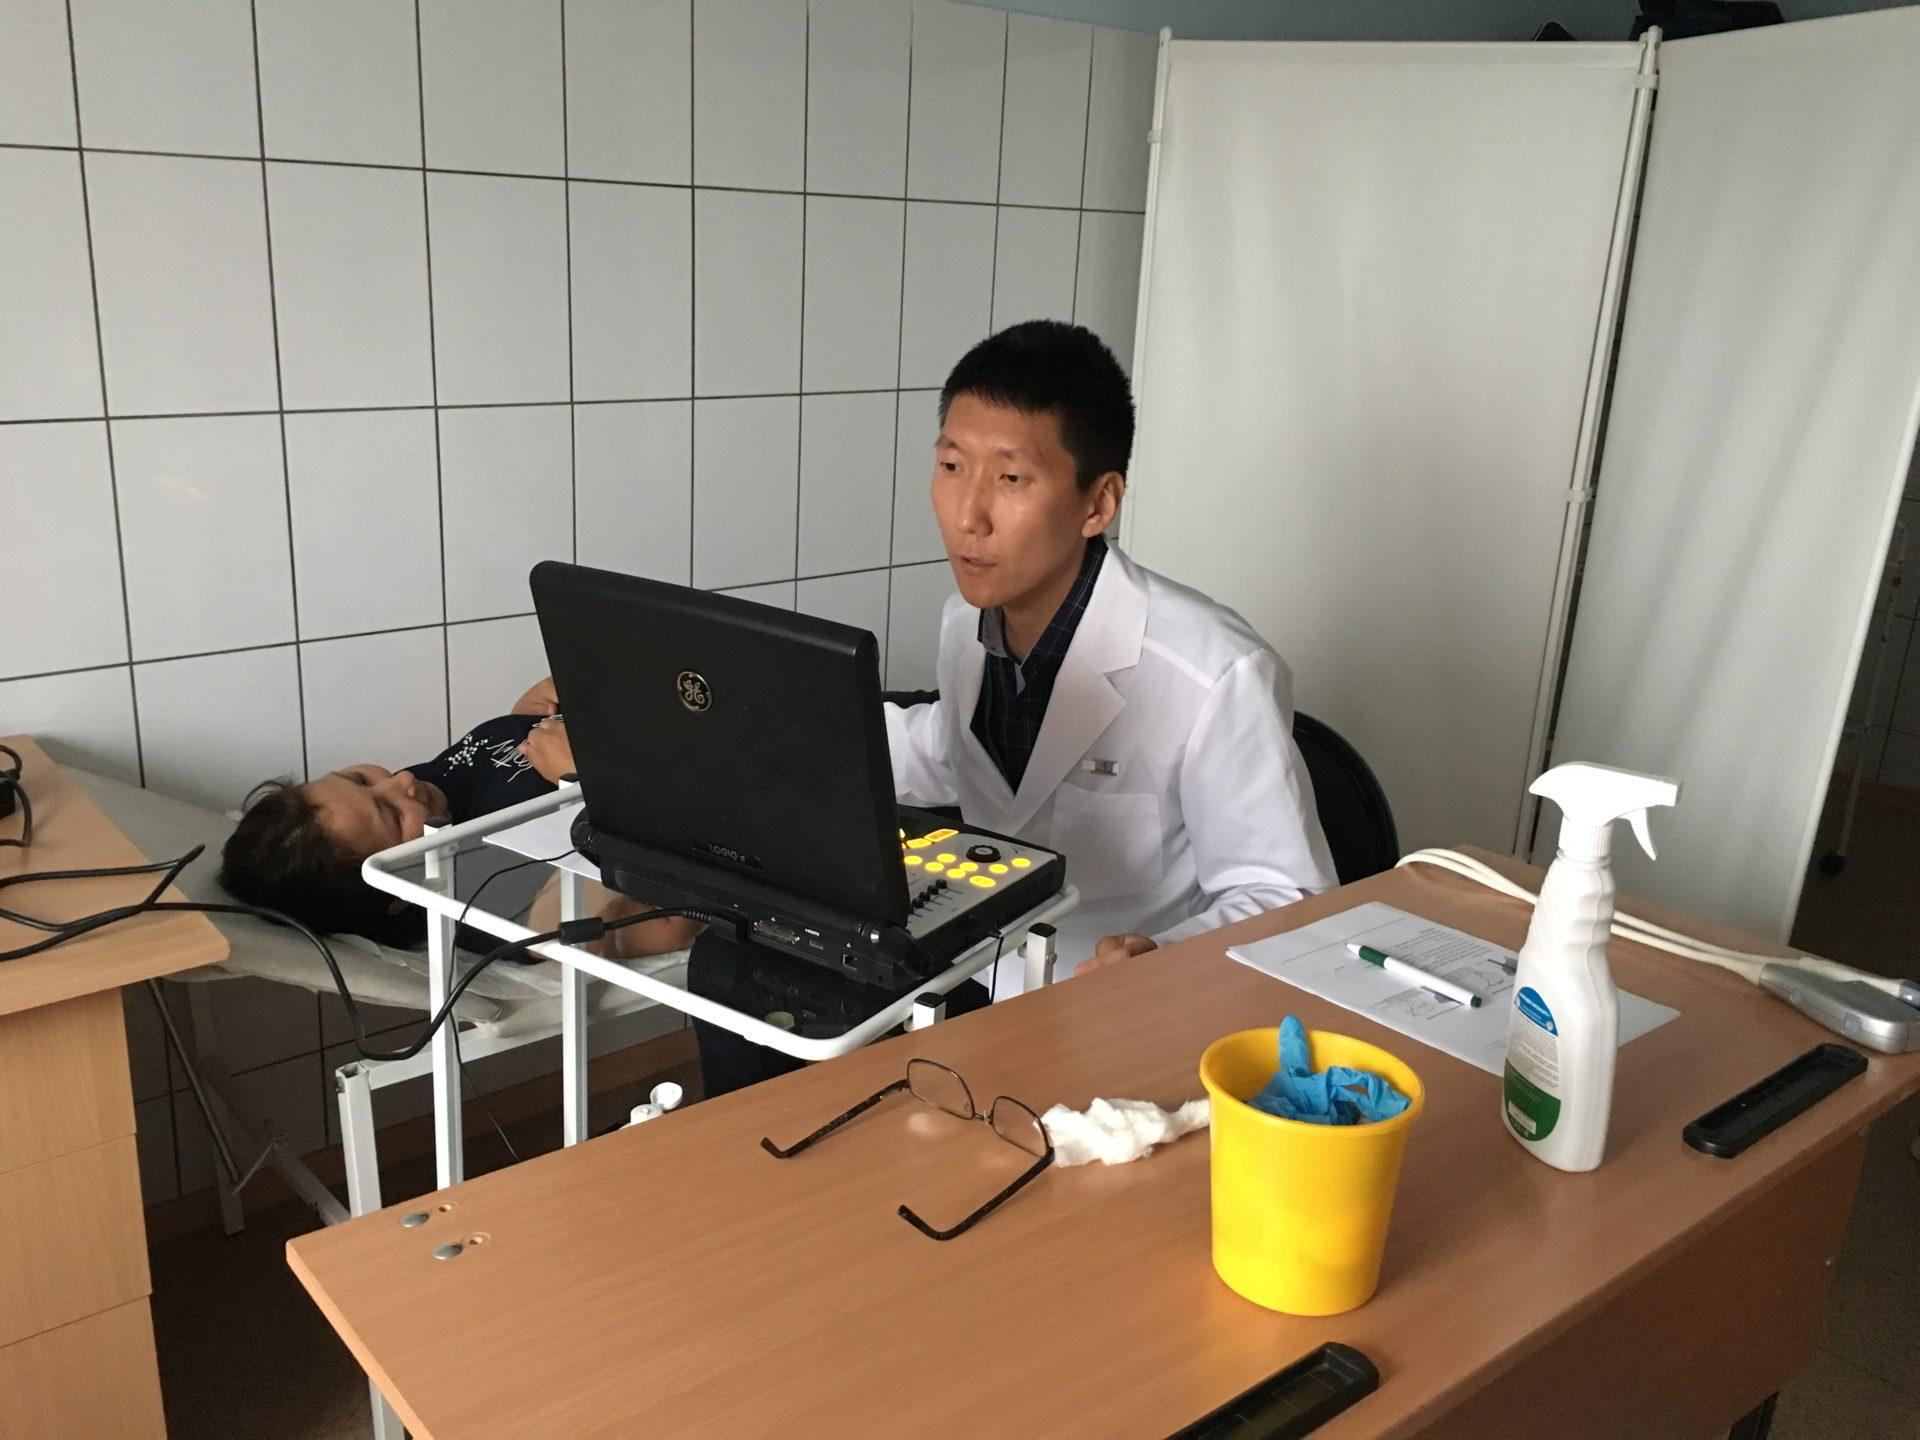 Год консолидации: Летняя научная школа «Юные исследователи Верхоянья» проводит медосмотры и ярмарки здоровья